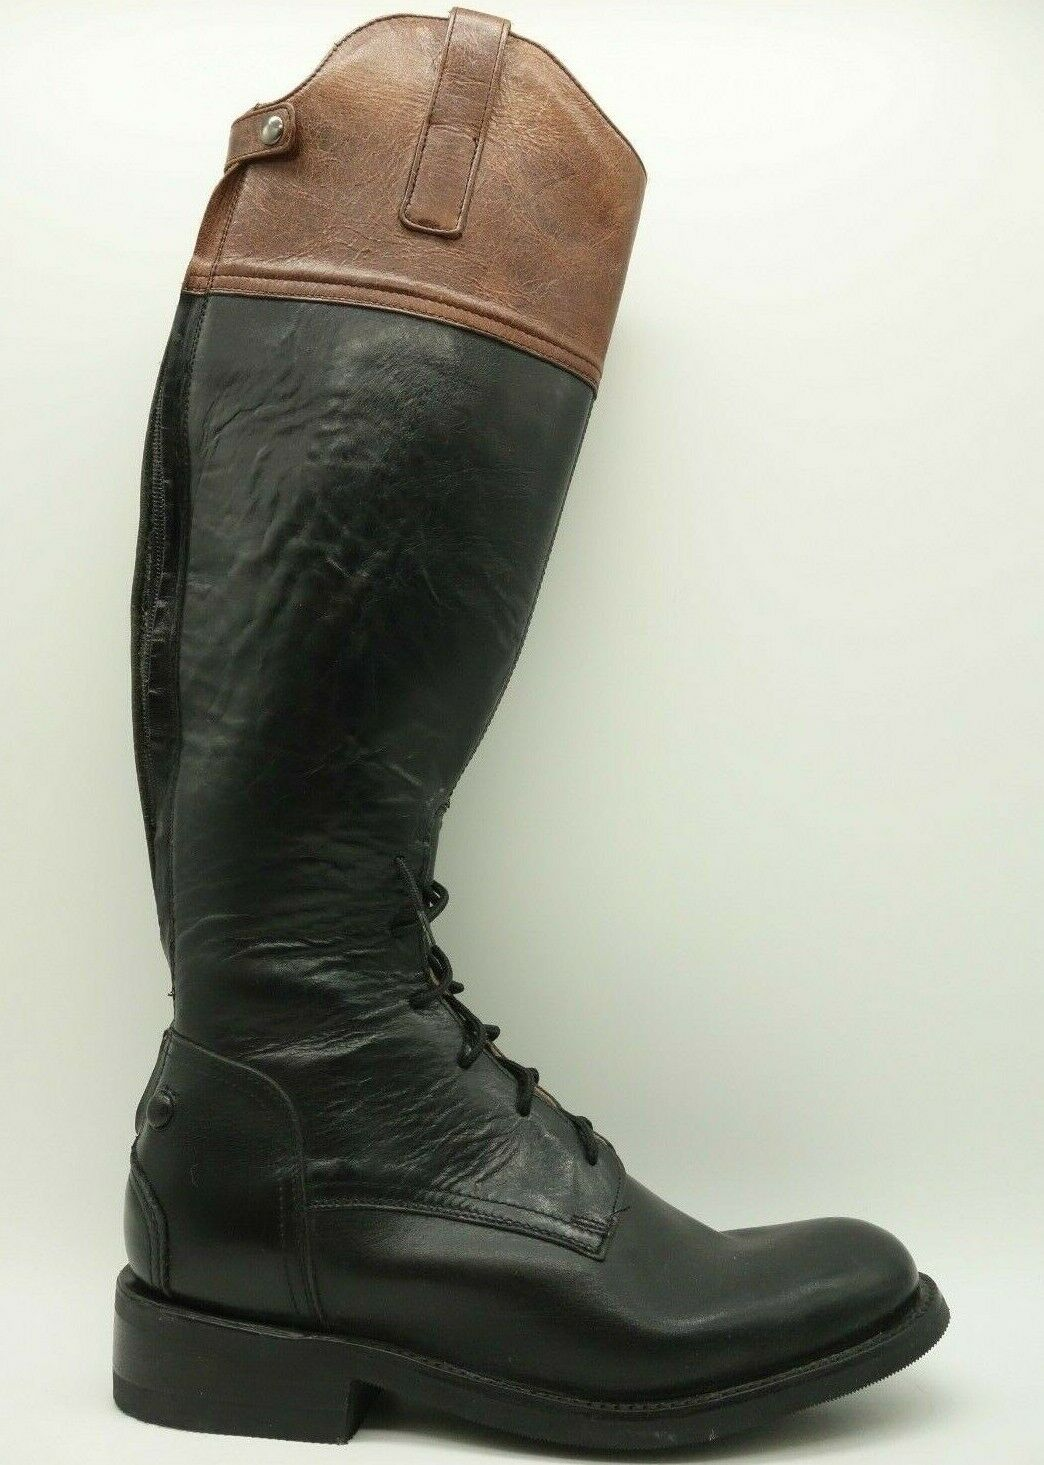 Serna Negro Cuero Con Cordones Alto Cremallera Trasera botas De Montar Para Mujer 7.5 S